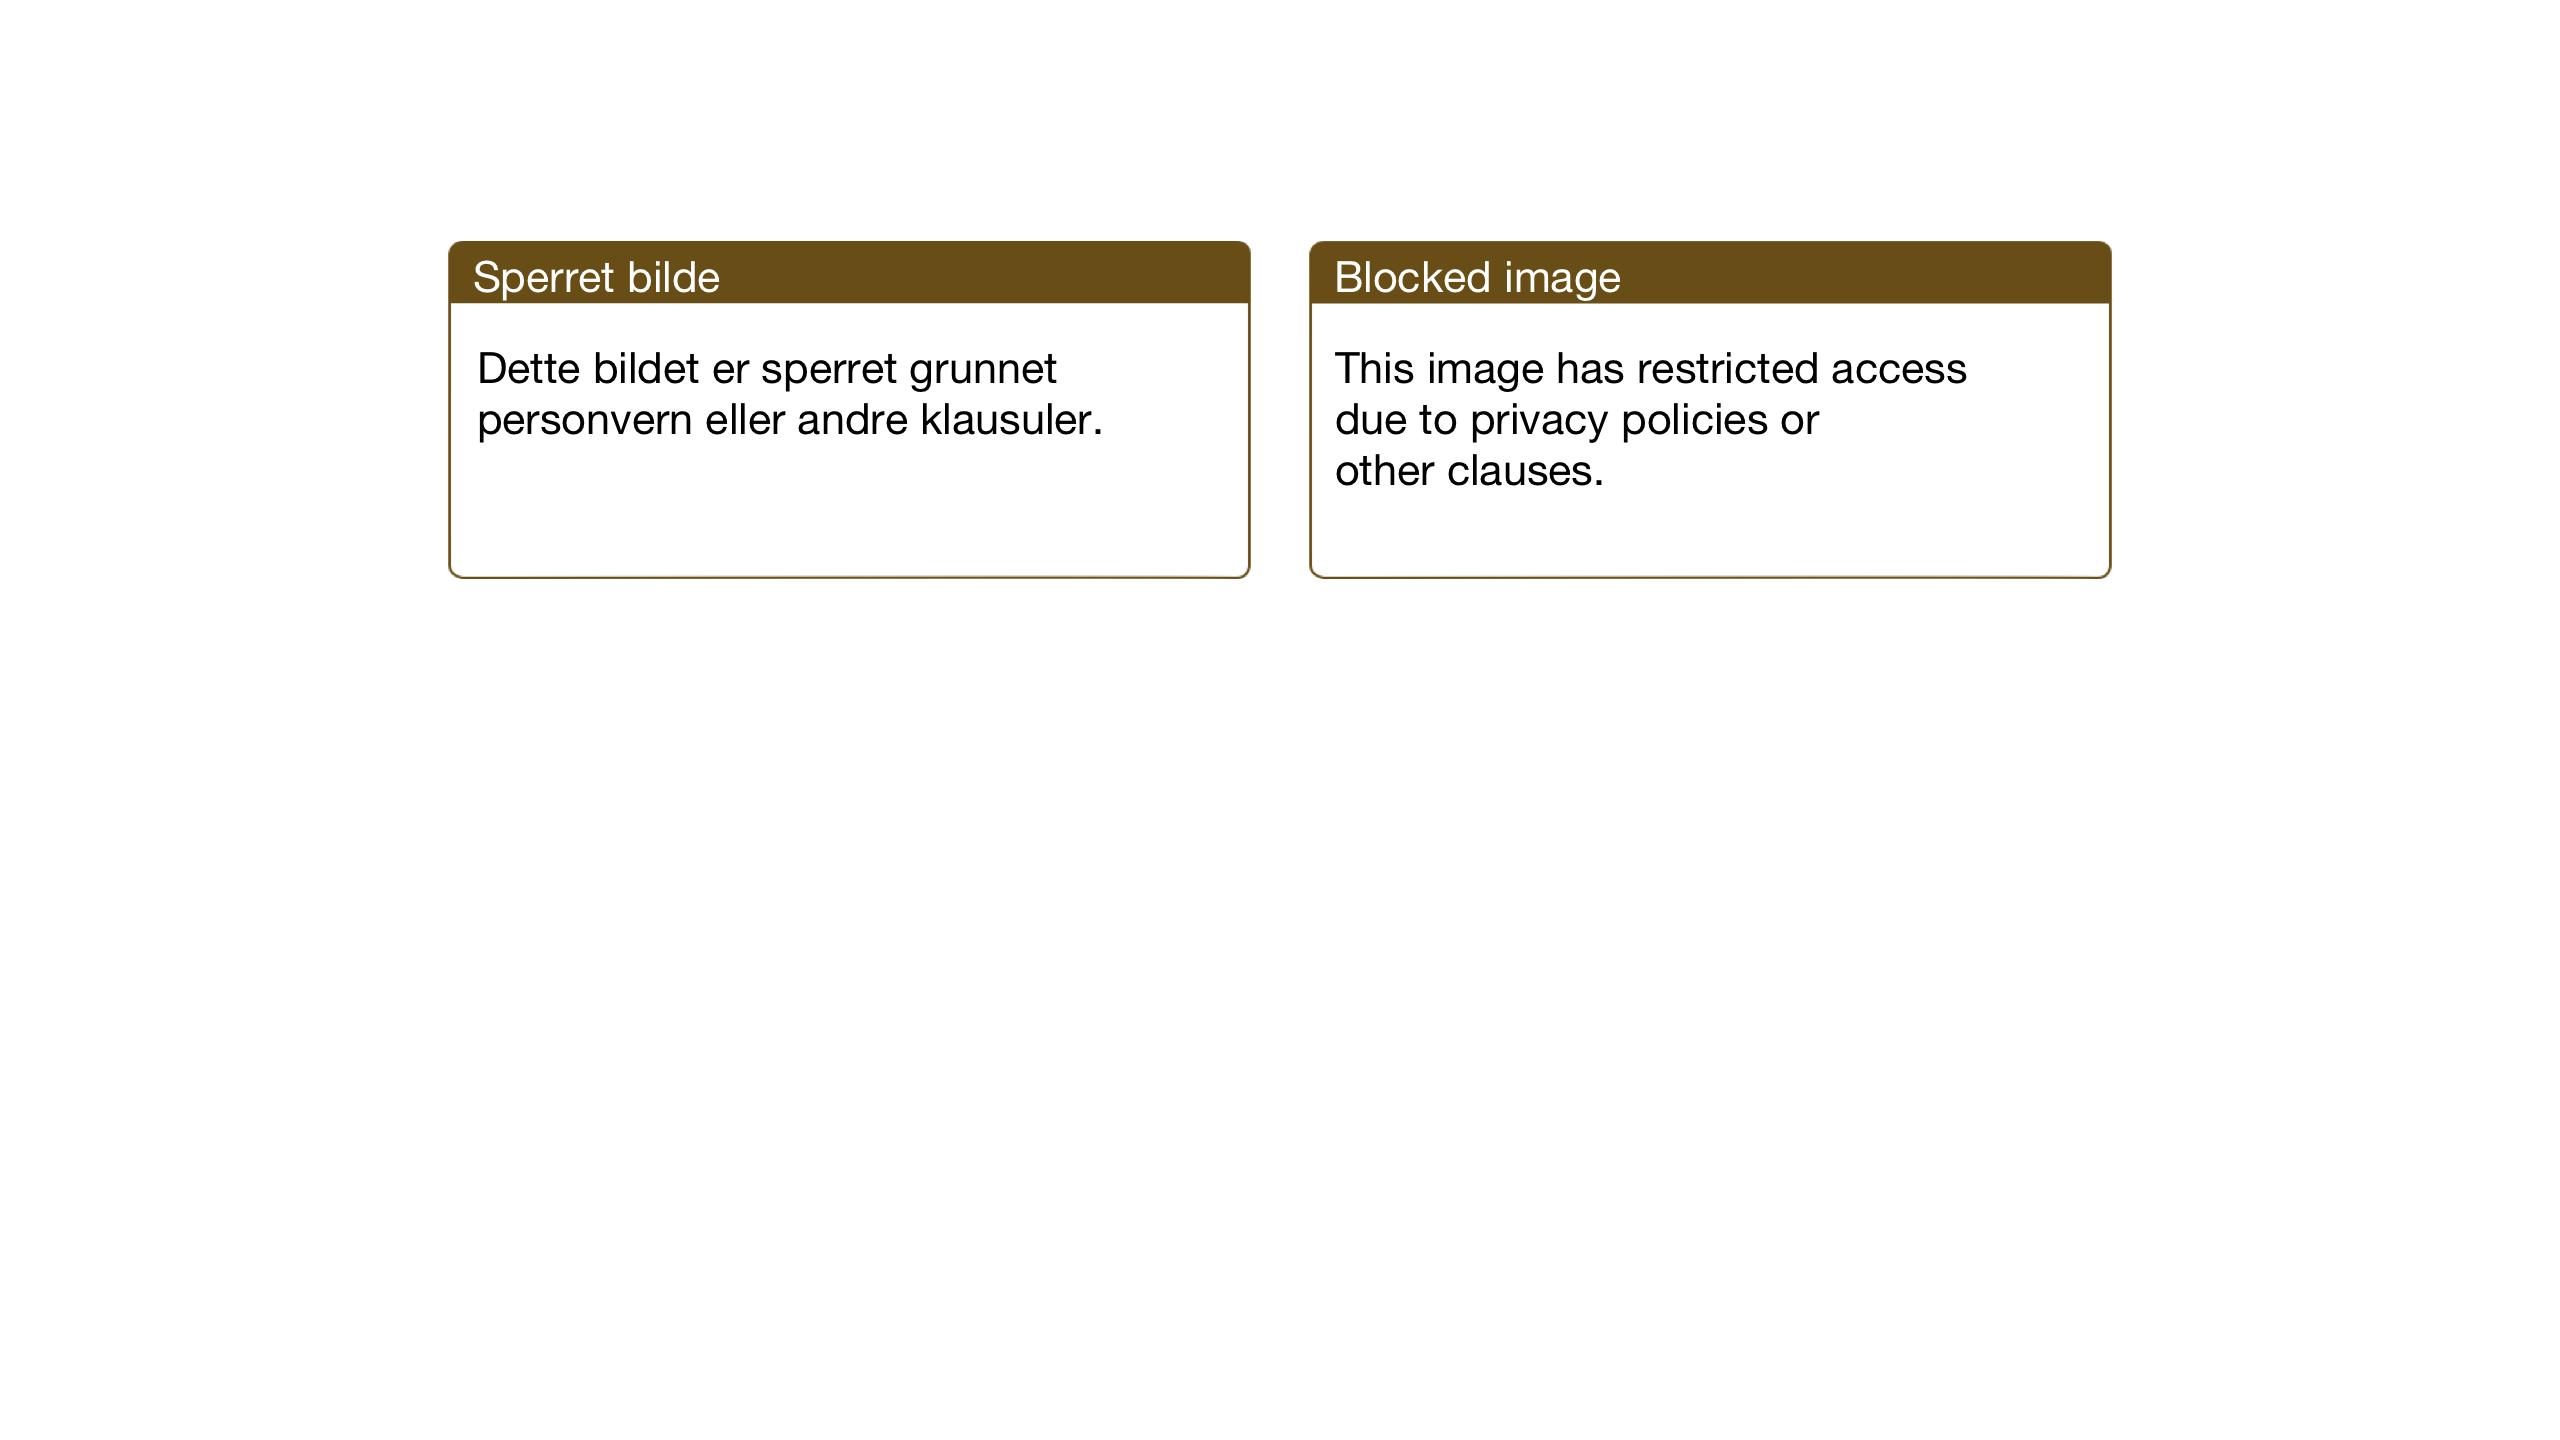 SAT, Ministerialprotokoller, klokkerbøker og fødselsregistre - Nord-Trøndelag, 719/L0180: Klokkerbok nr. 719C01, 1878-1940, s. 49